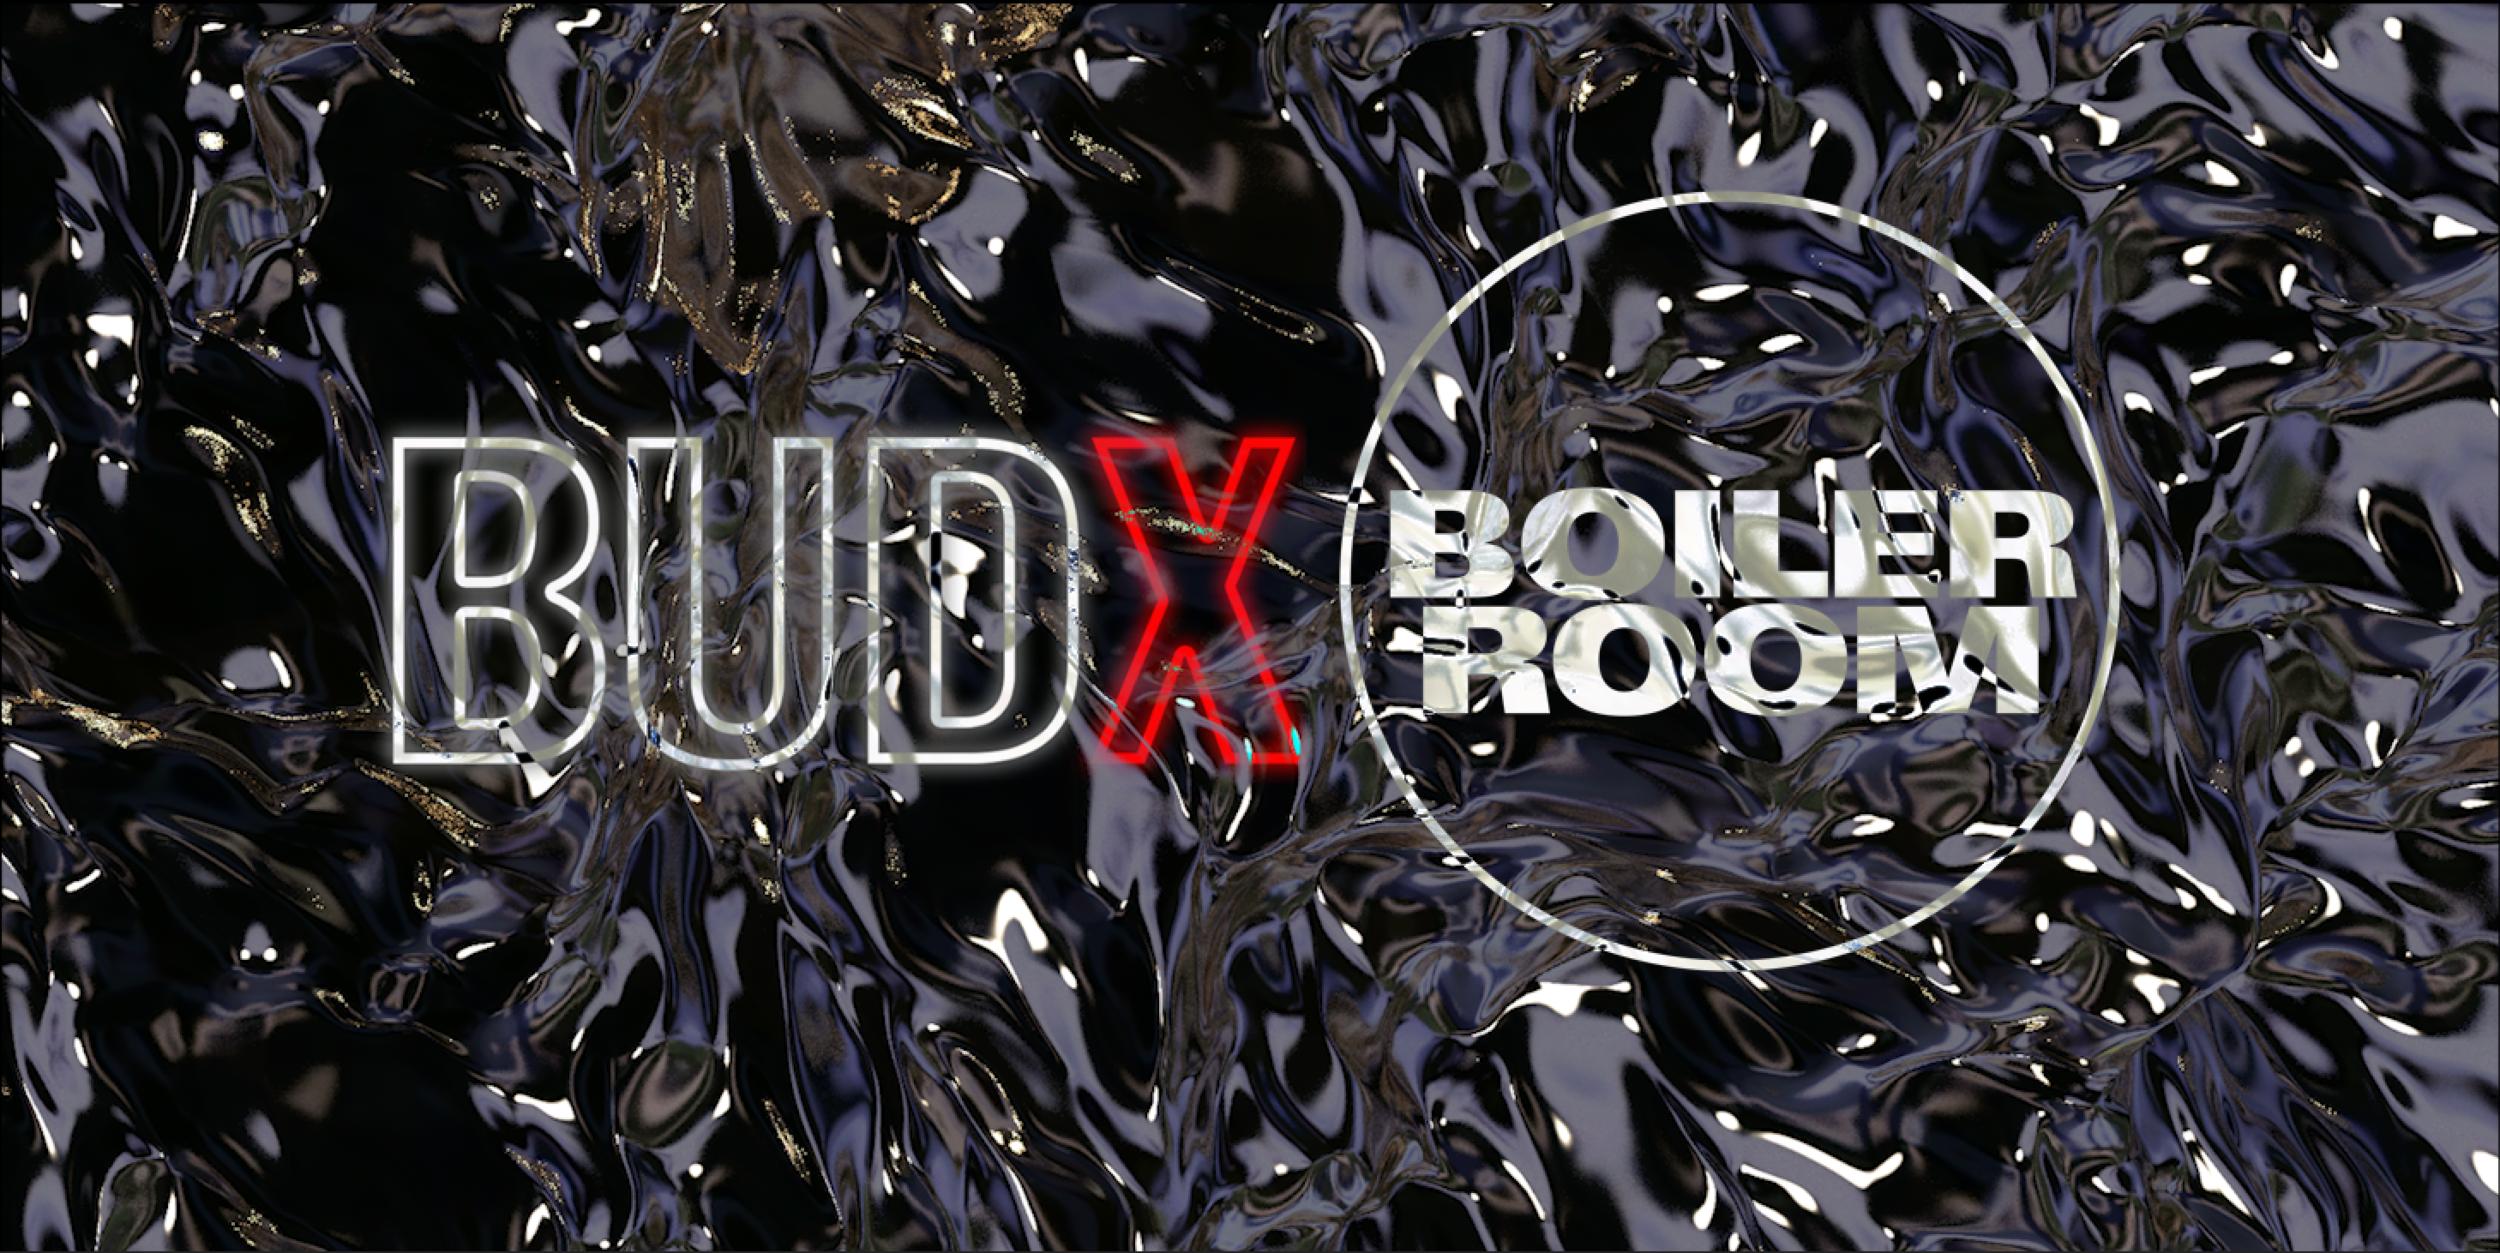 Boiler Room X Budweiser